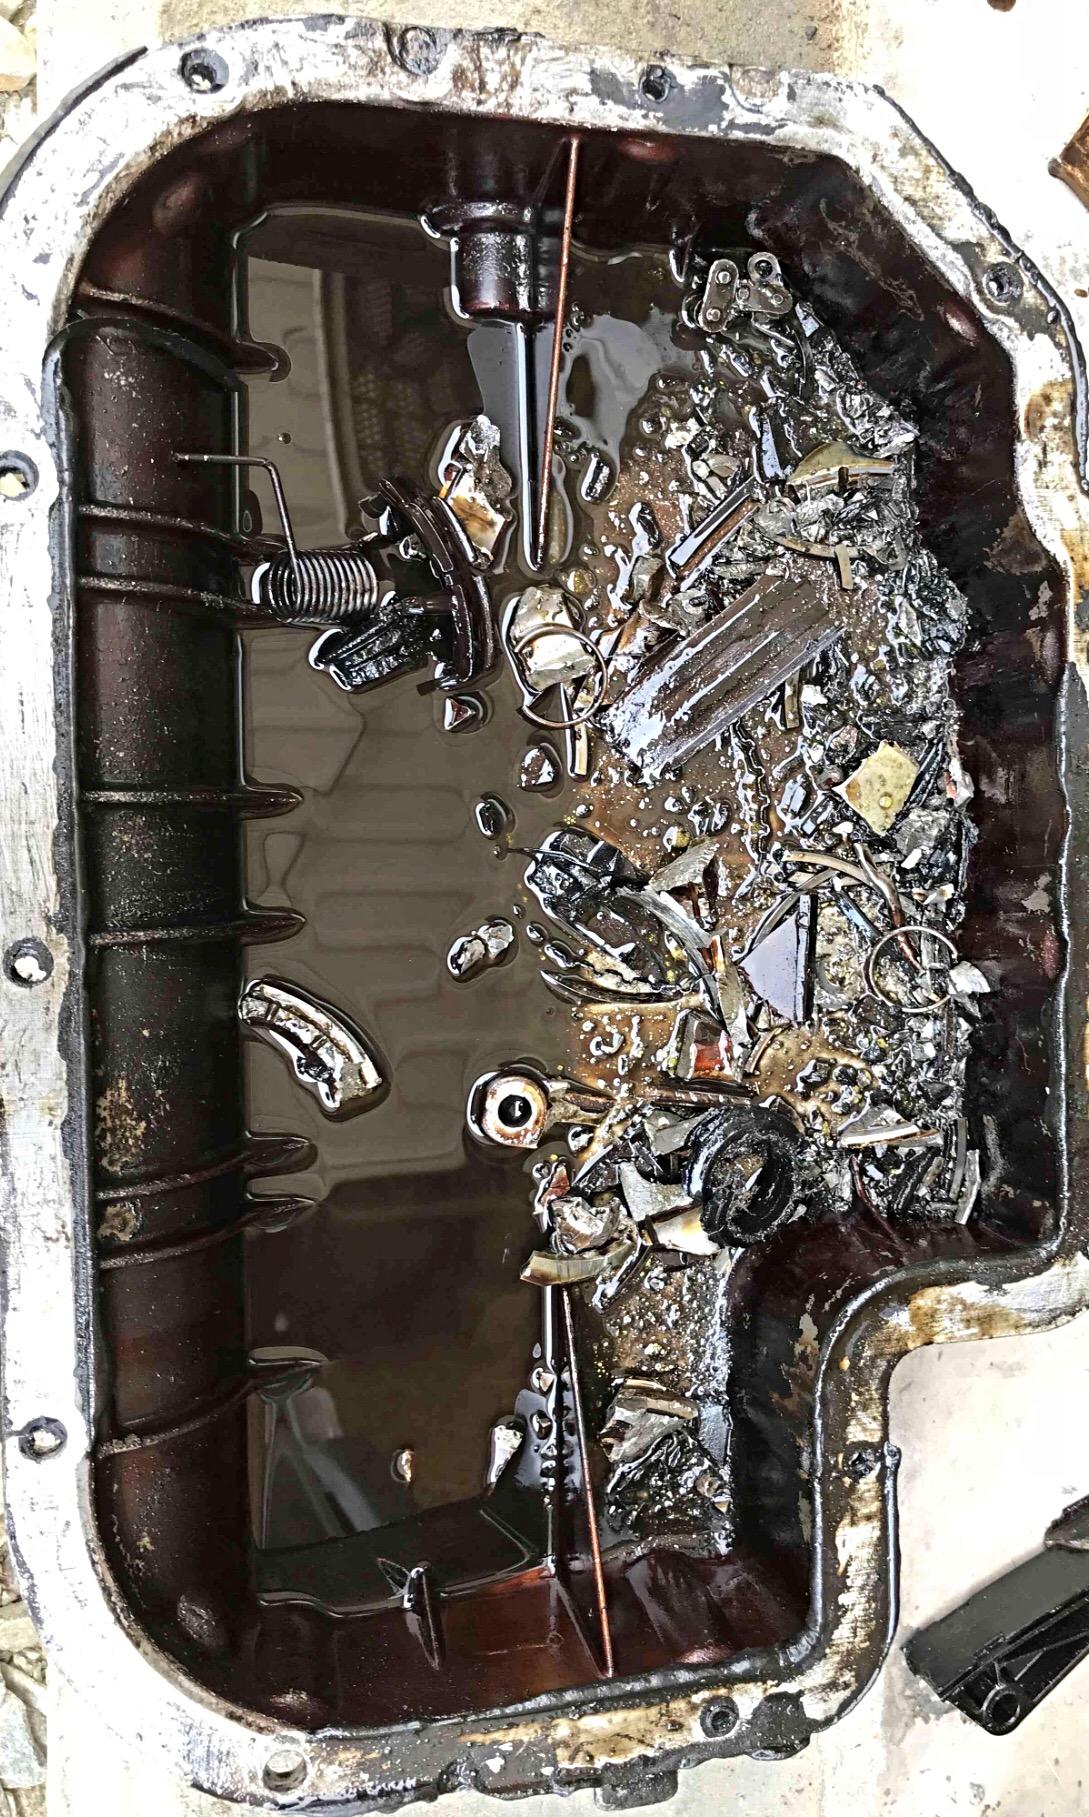 B24E612E-2AD9-48E1-A512-F2144189D0C8.